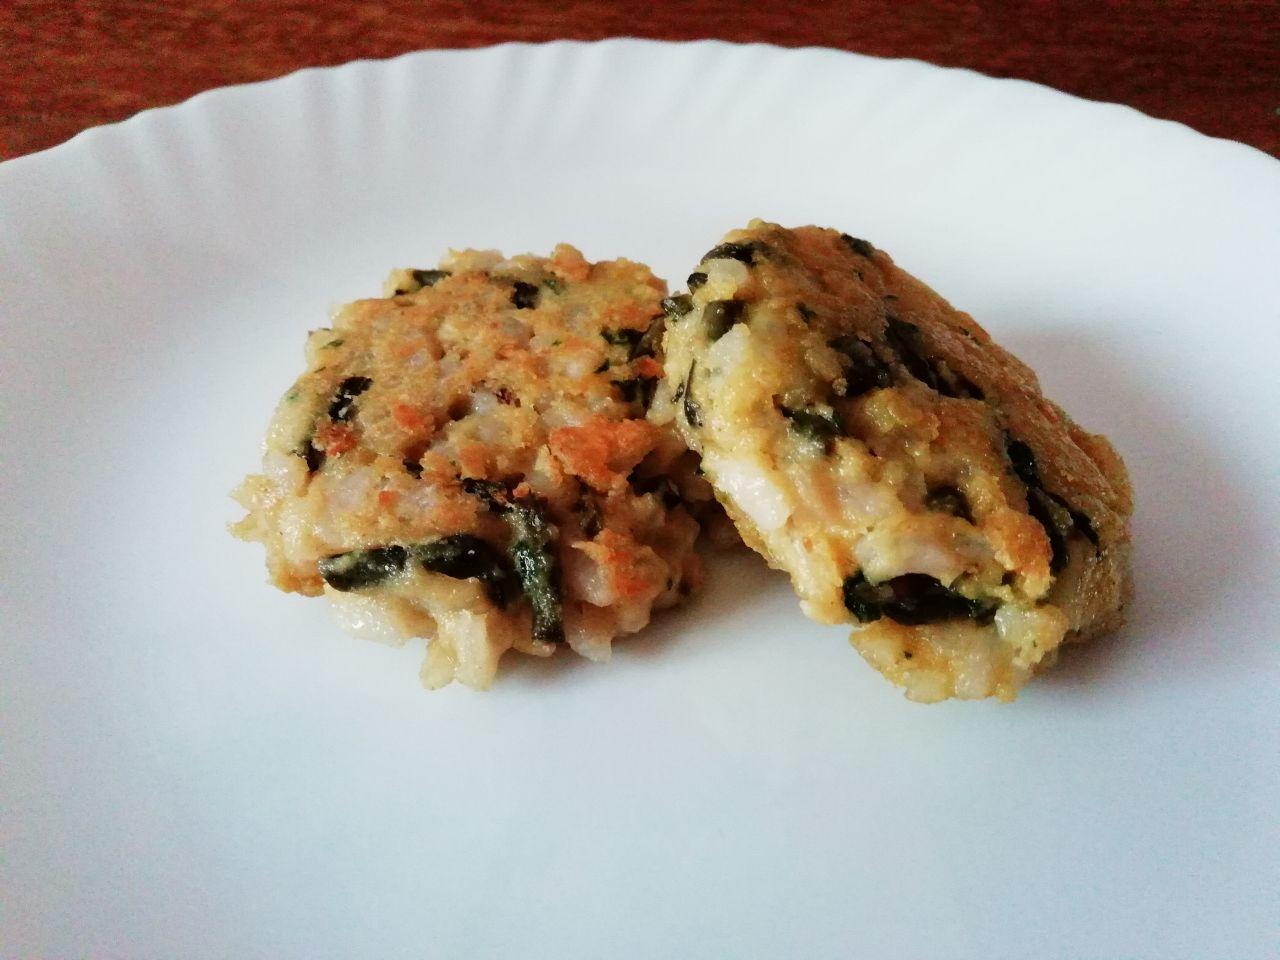 Ricette veloci ed economiche: crocchette di riso e fagiolini, senza formaggio!